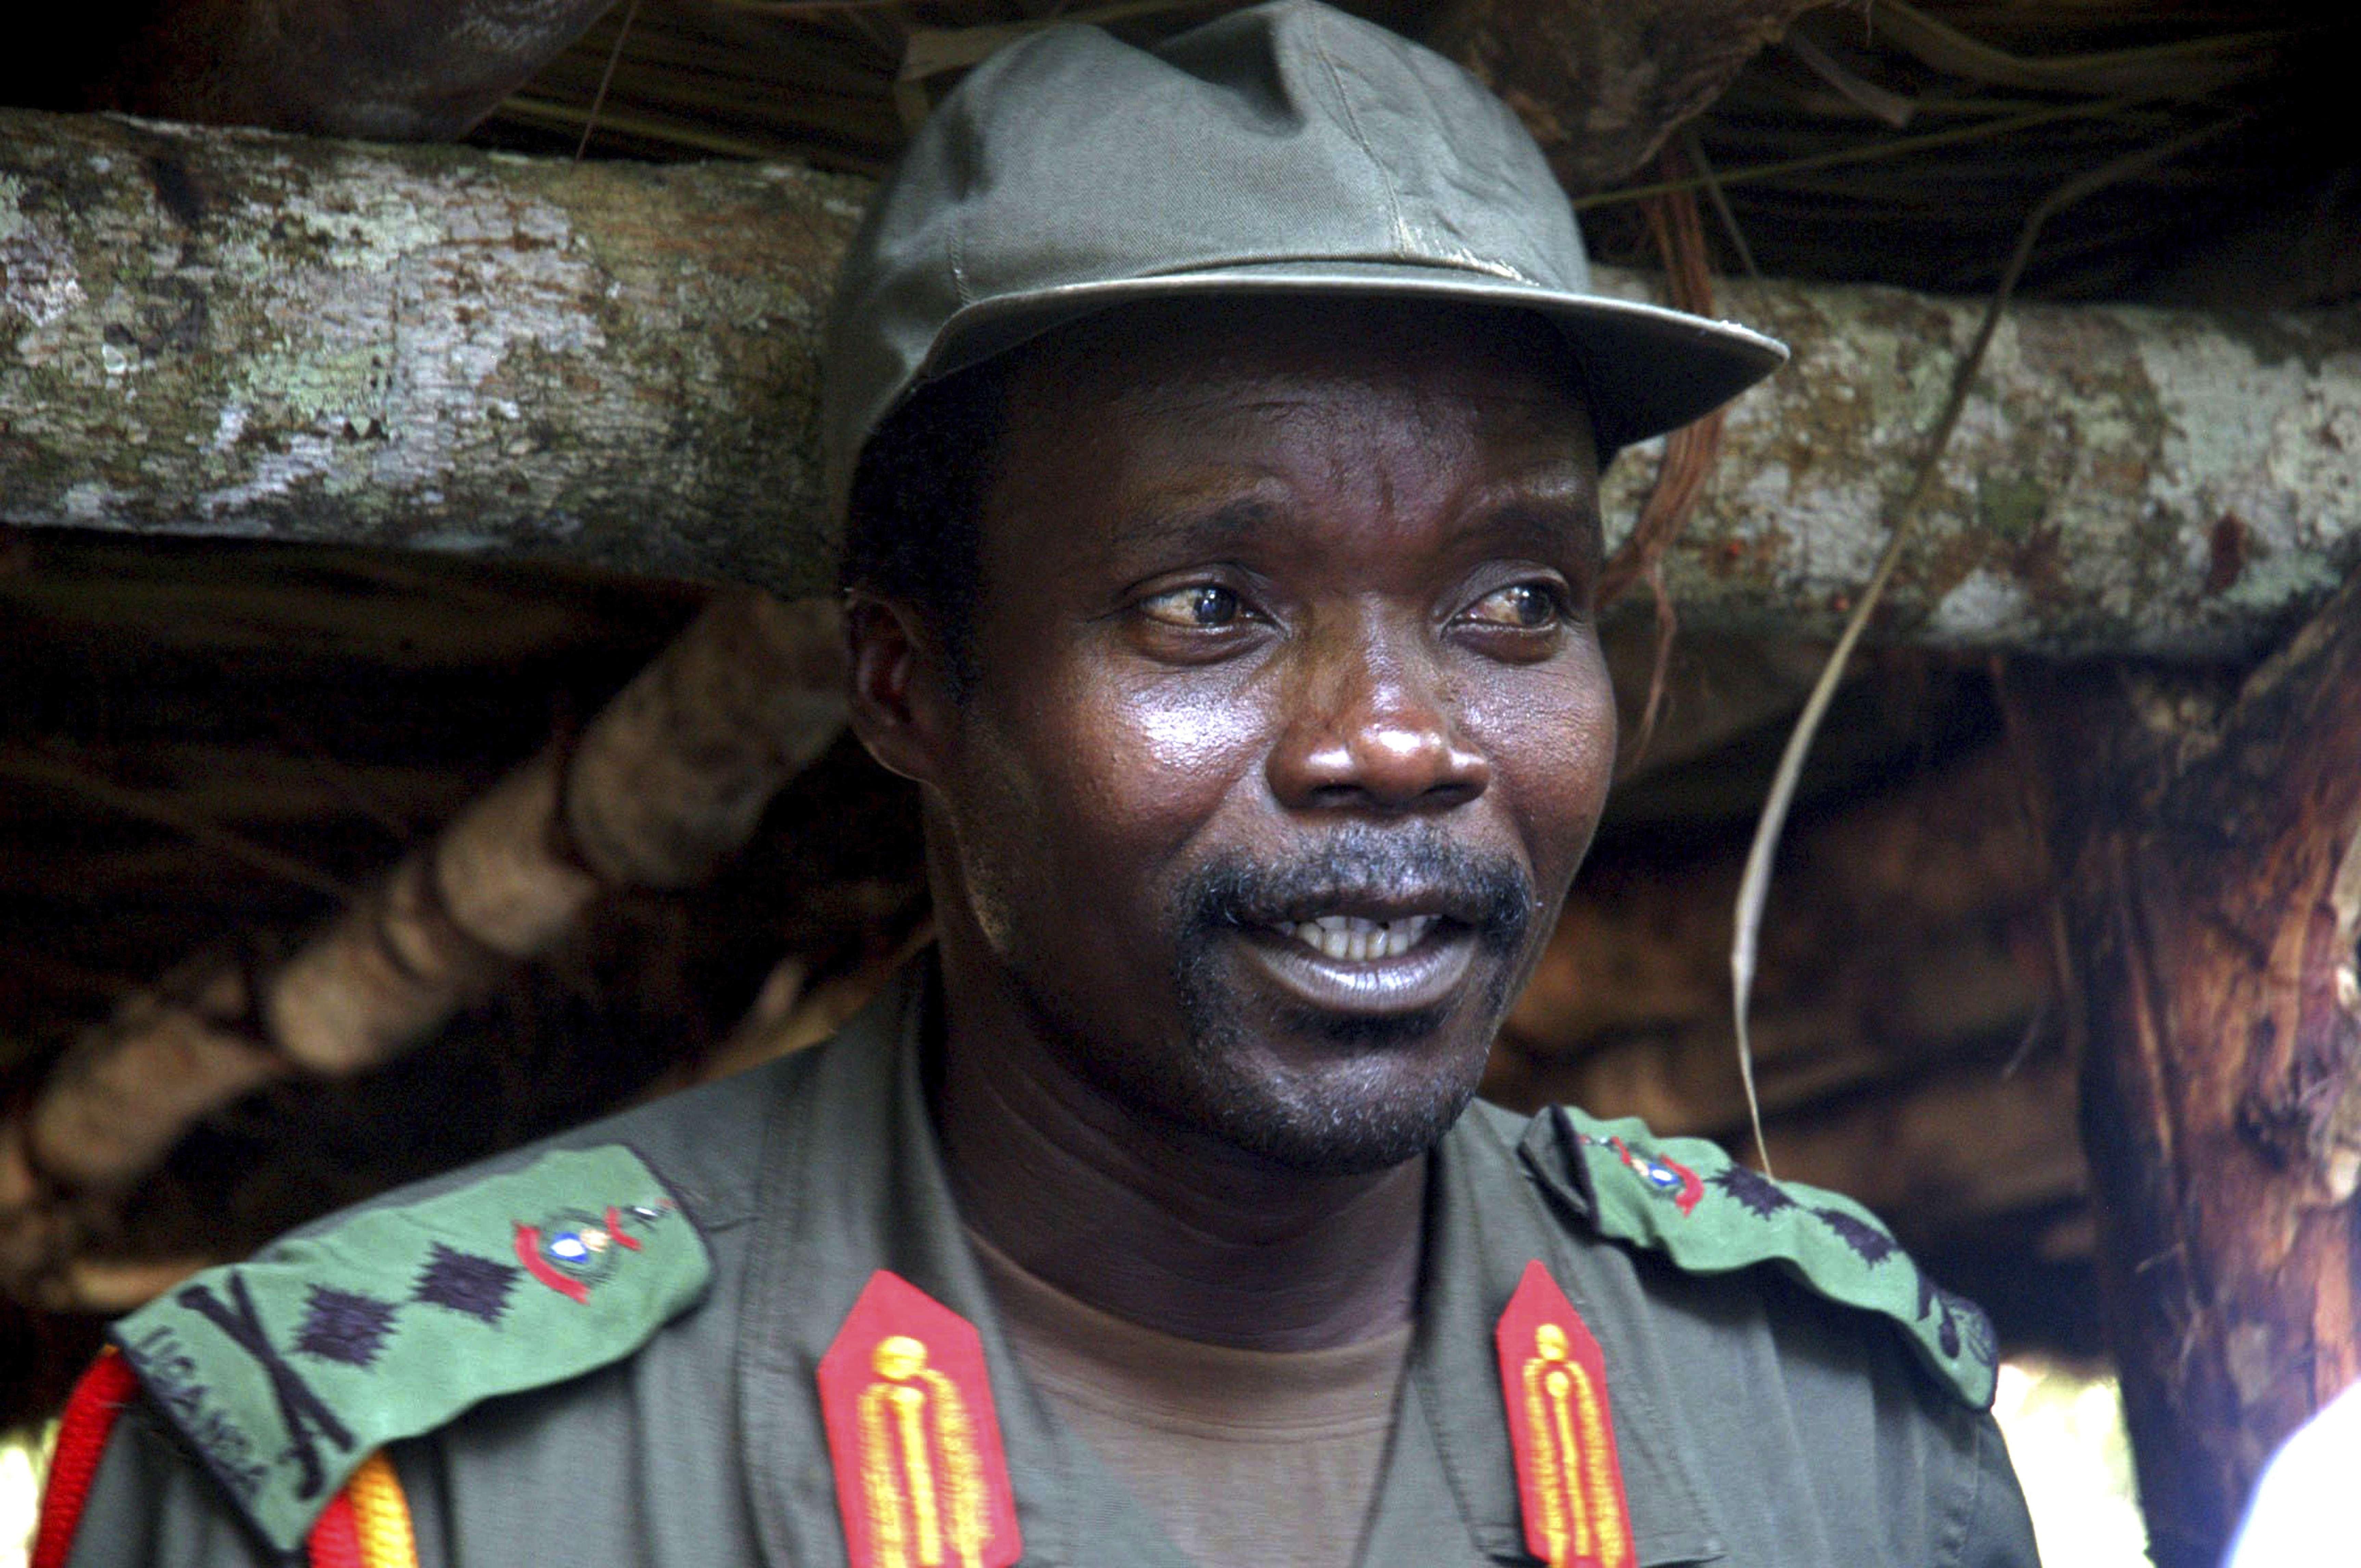 Le chef de guerre Joseph Kony, le 31 juillet 2006.